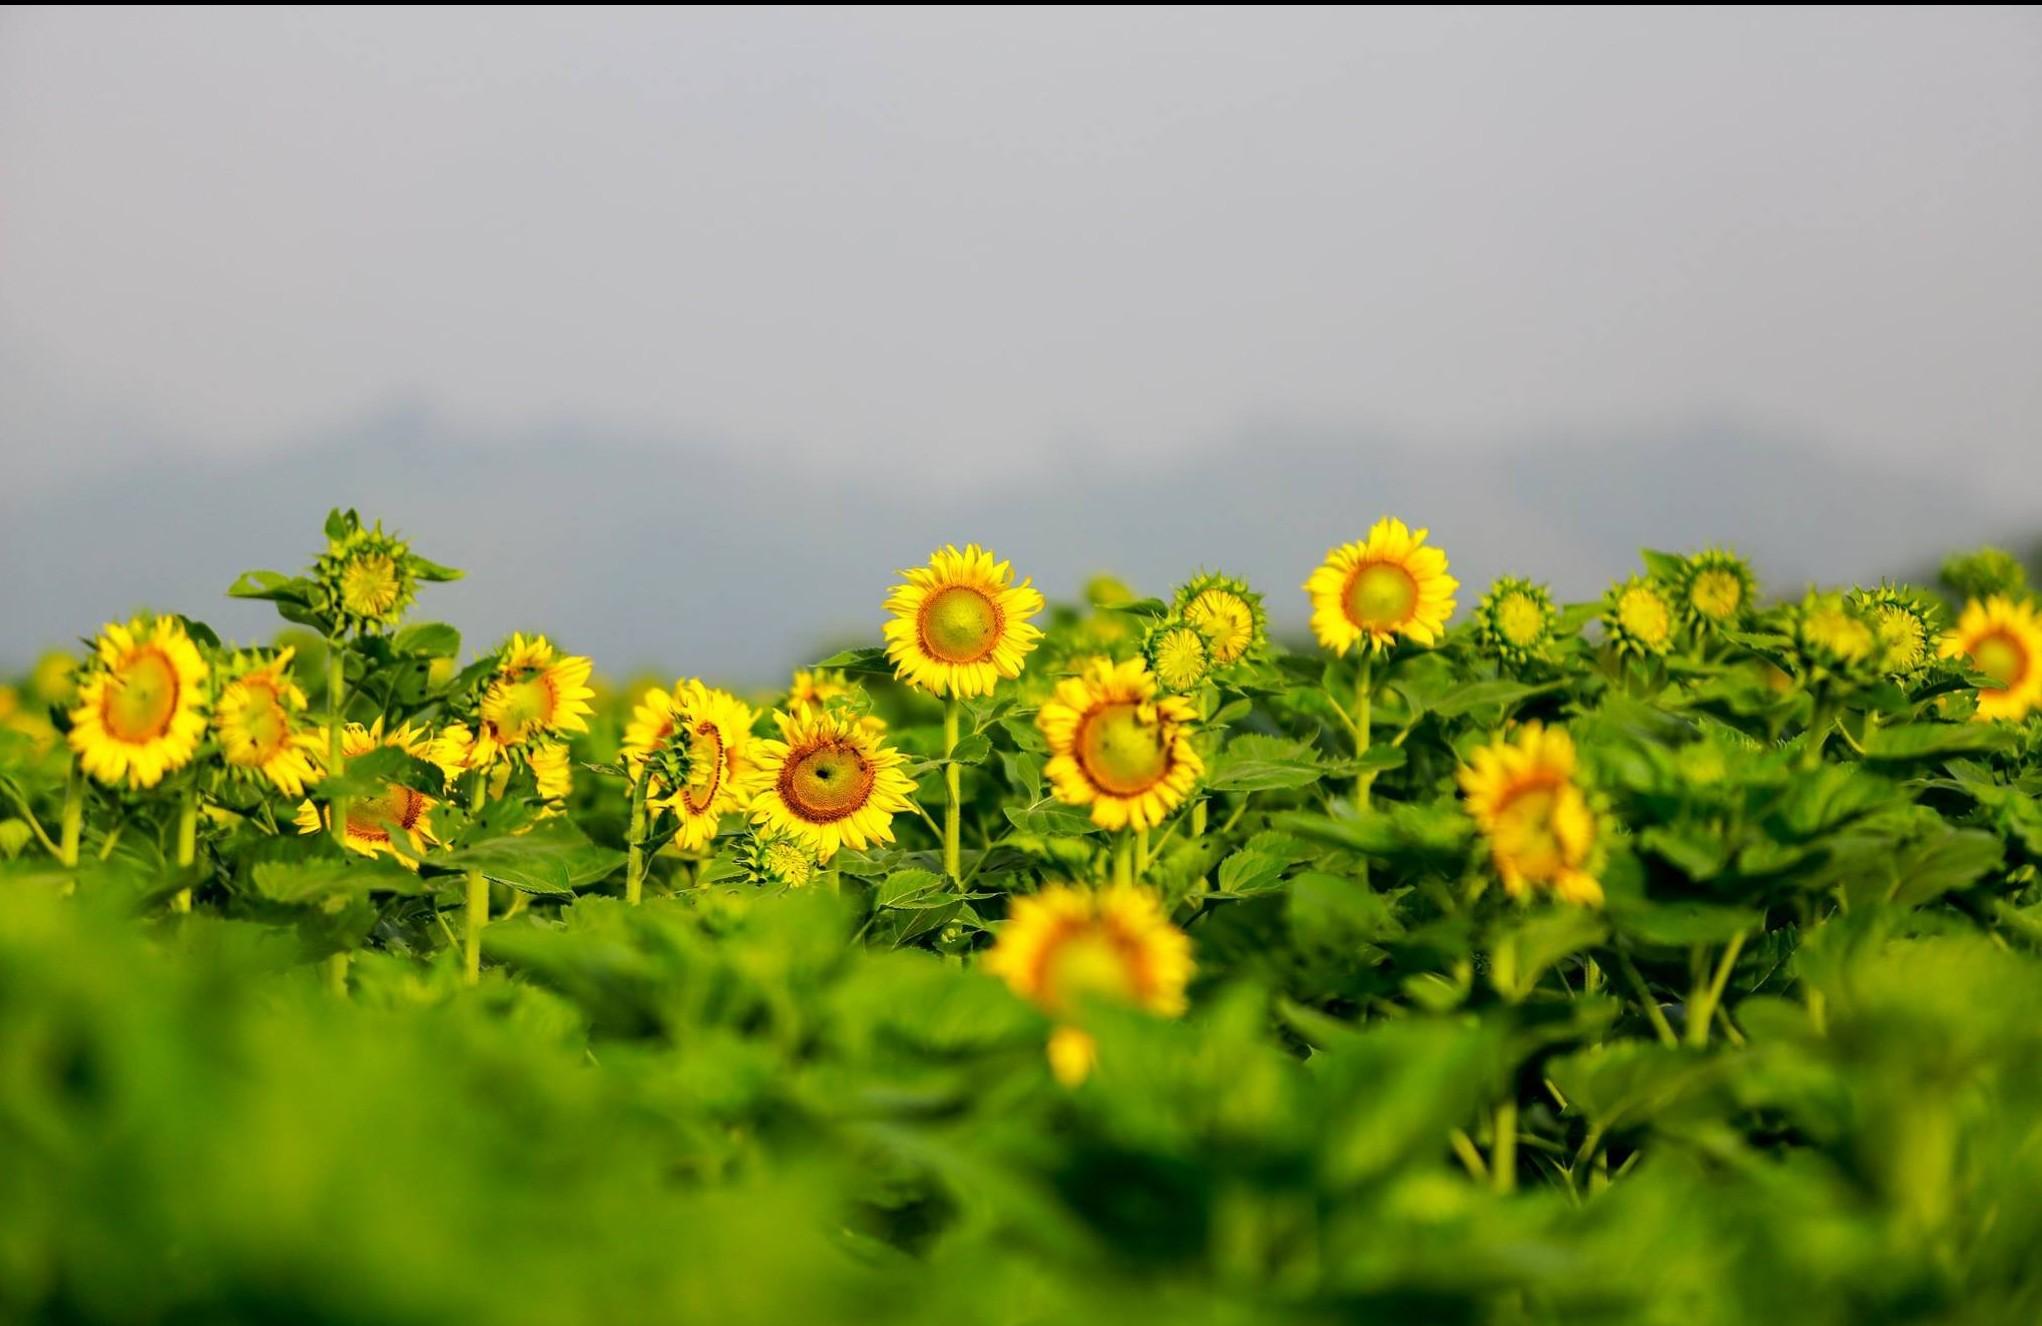 Tải hình ảnh hoa hướng dương